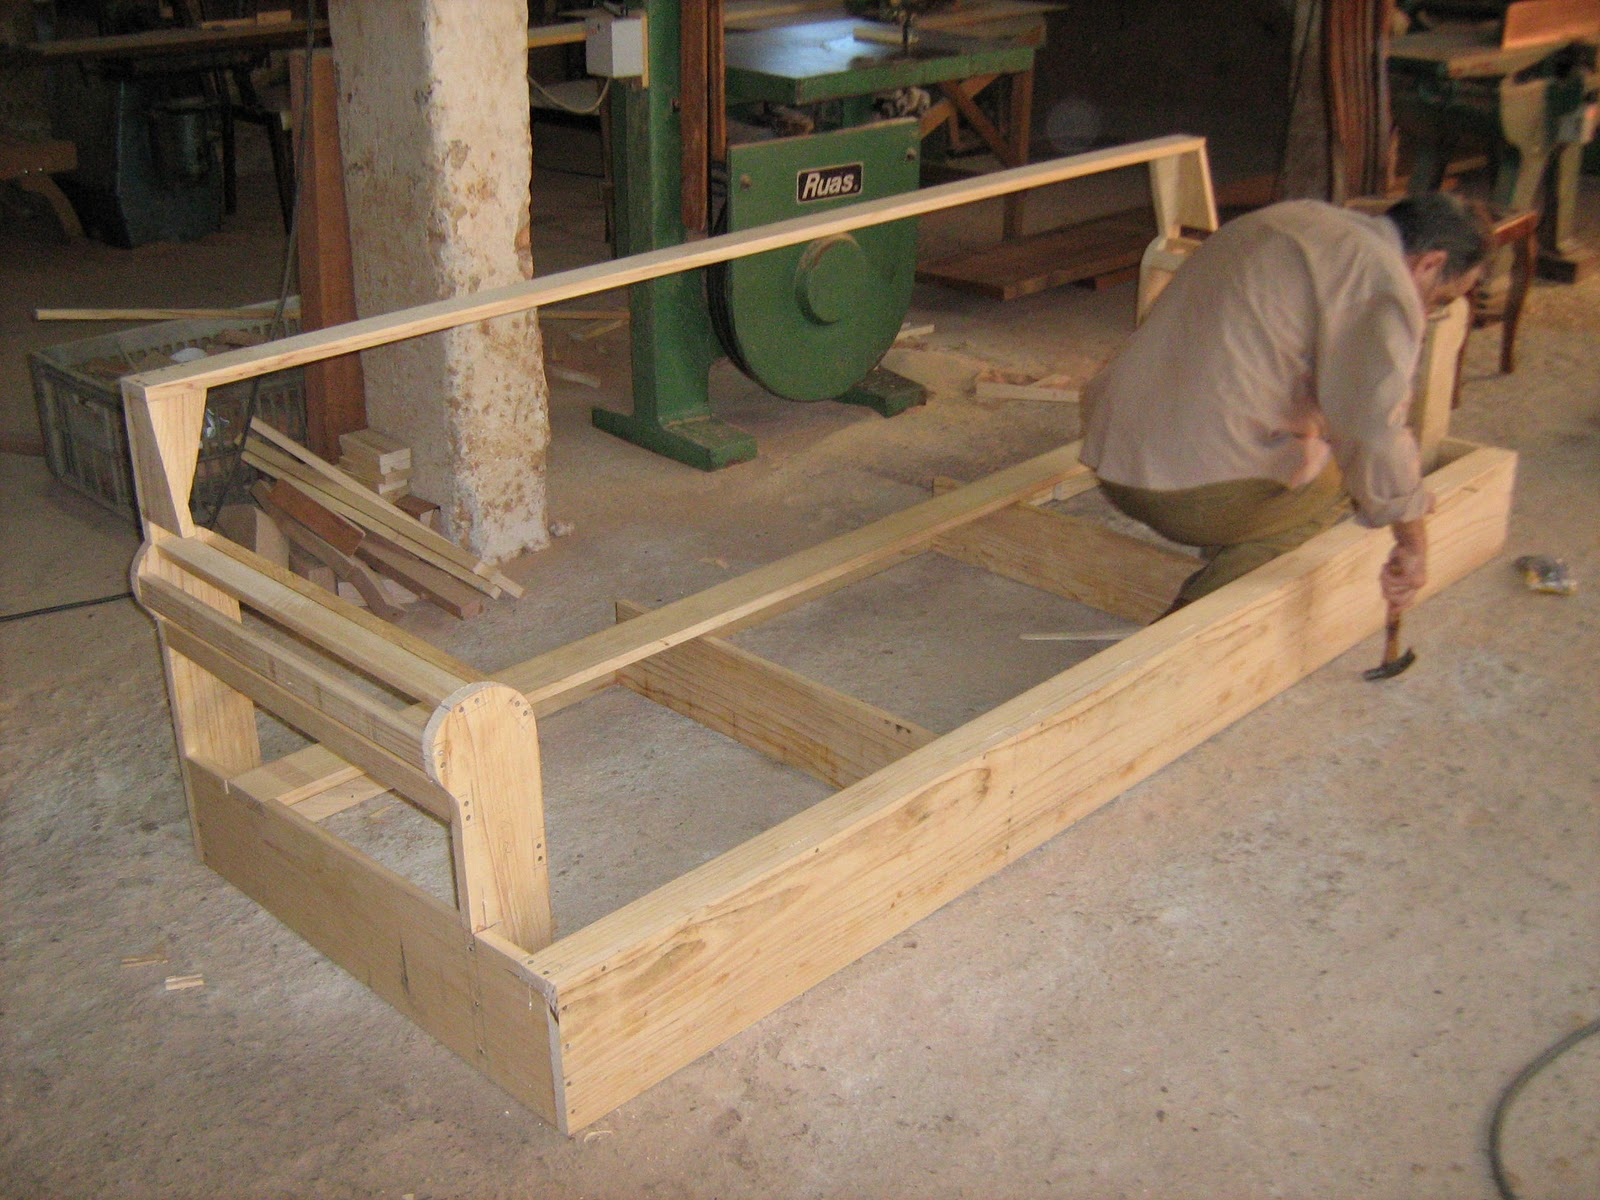 estruturas de sofas em madeira de lei fabrica 1001 modelos.jpg #956936 1600x1200